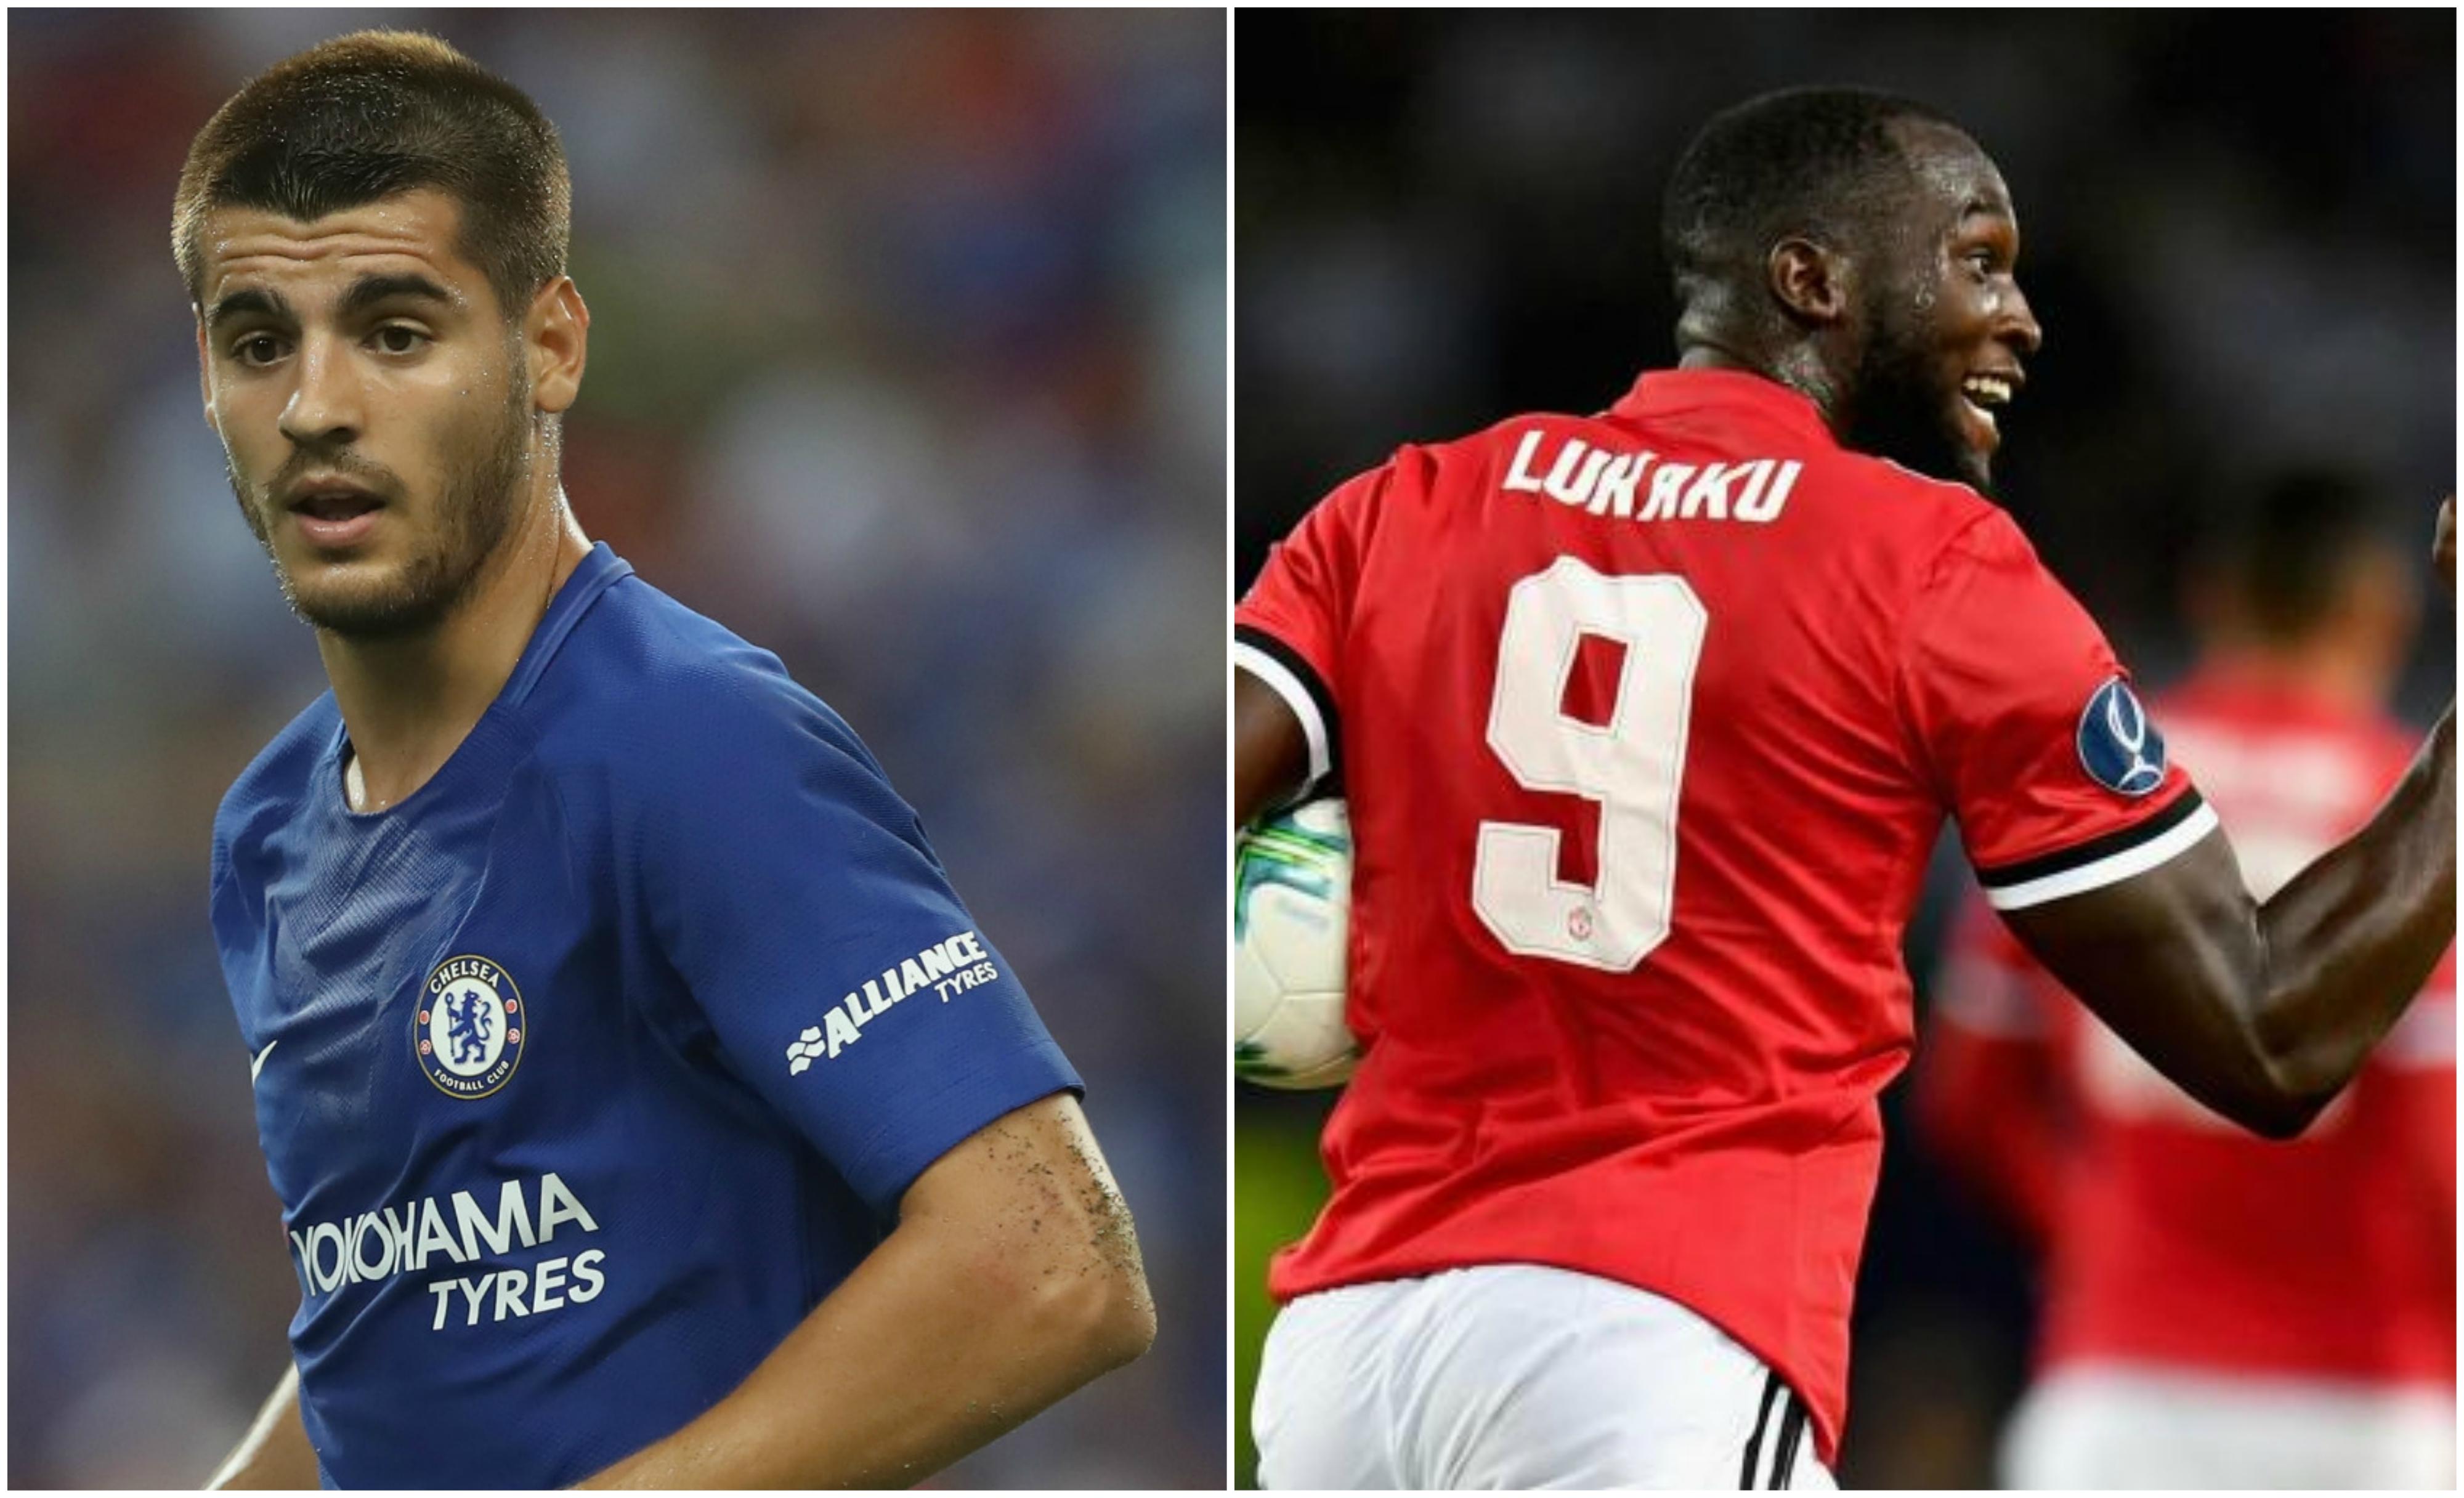 Bỏ lỡ cơ hội mười mươi, Morata lại bị đem so sánh với Lukaku